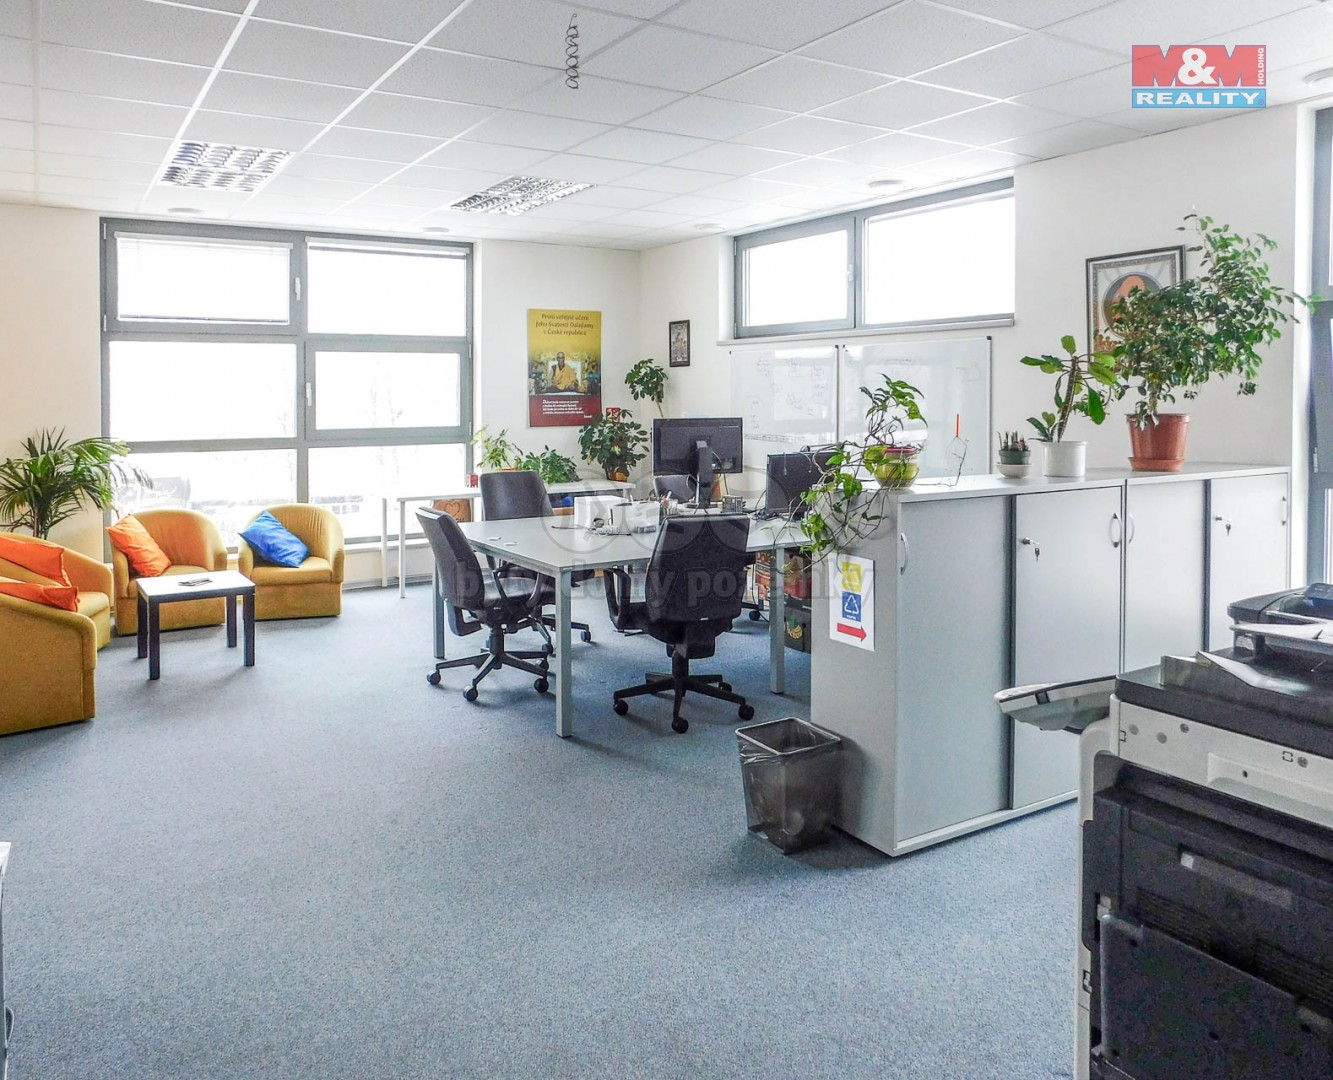 Pronájem kancelářského prostoru, 42 m², Praha 5 - Smíchov